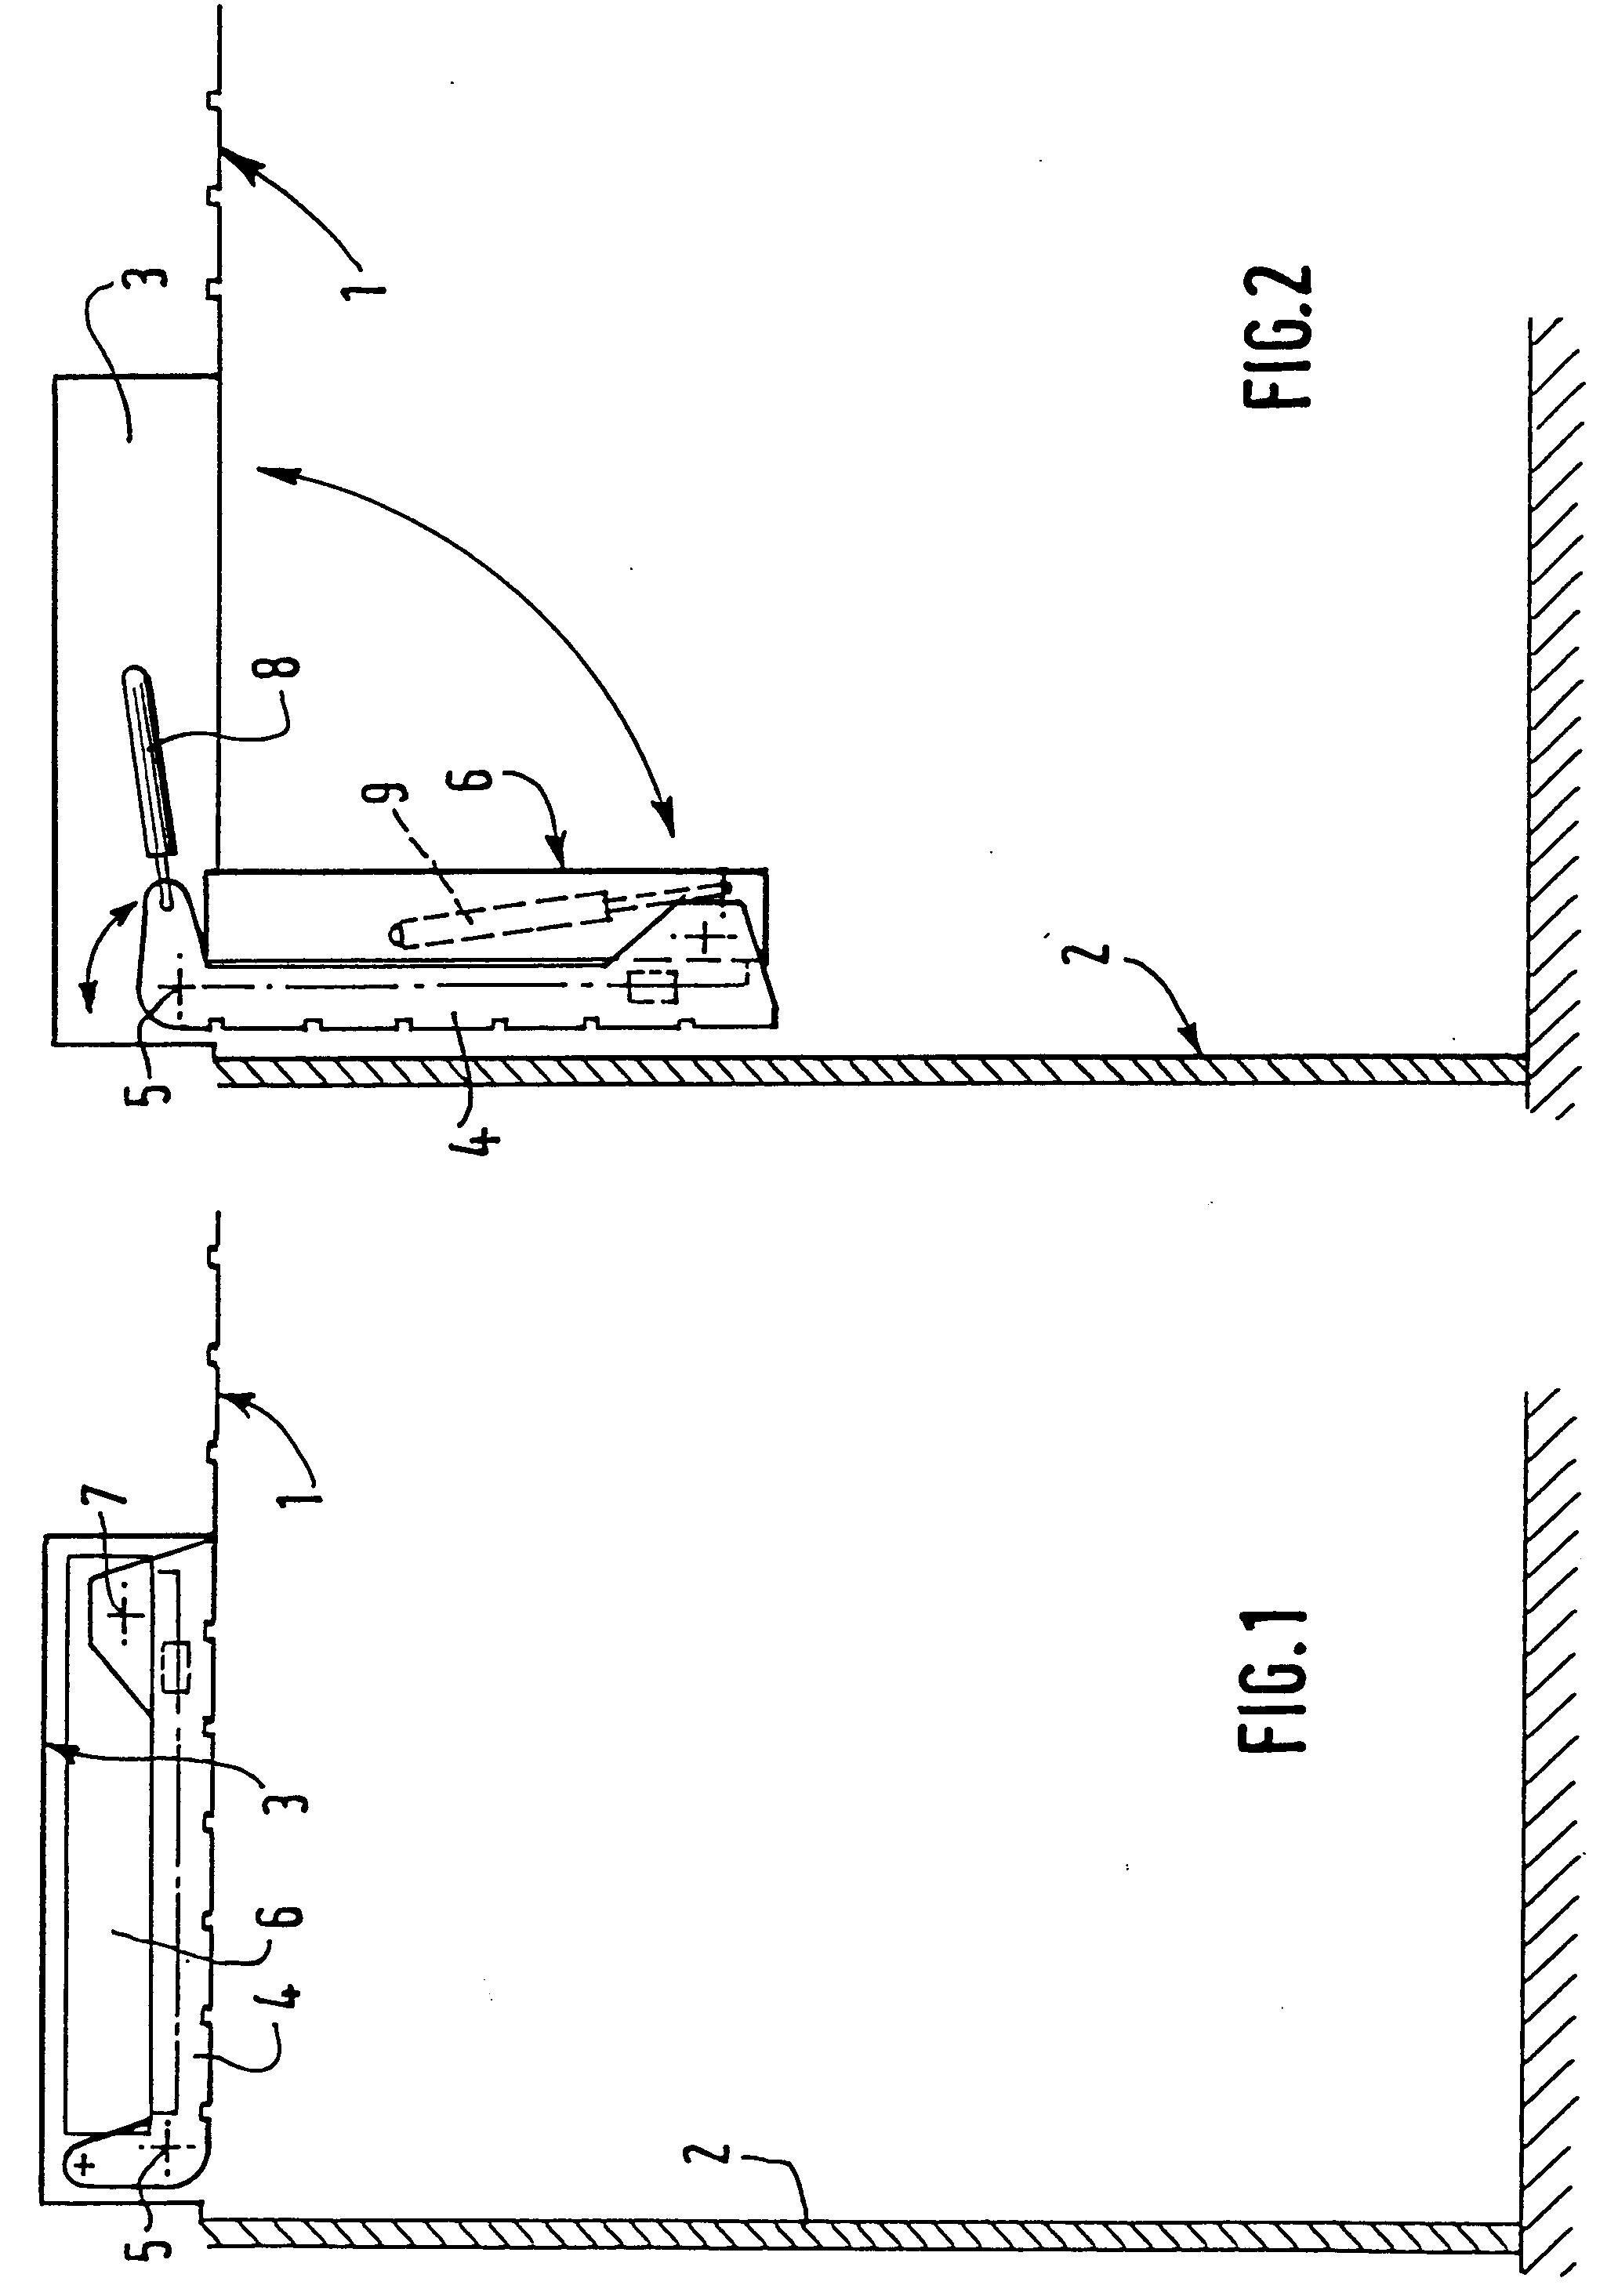 patent ep0630600a1 structure de lit ou de couchette escamotable dans un plafond google patents. Black Bedroom Furniture Sets. Home Design Ideas